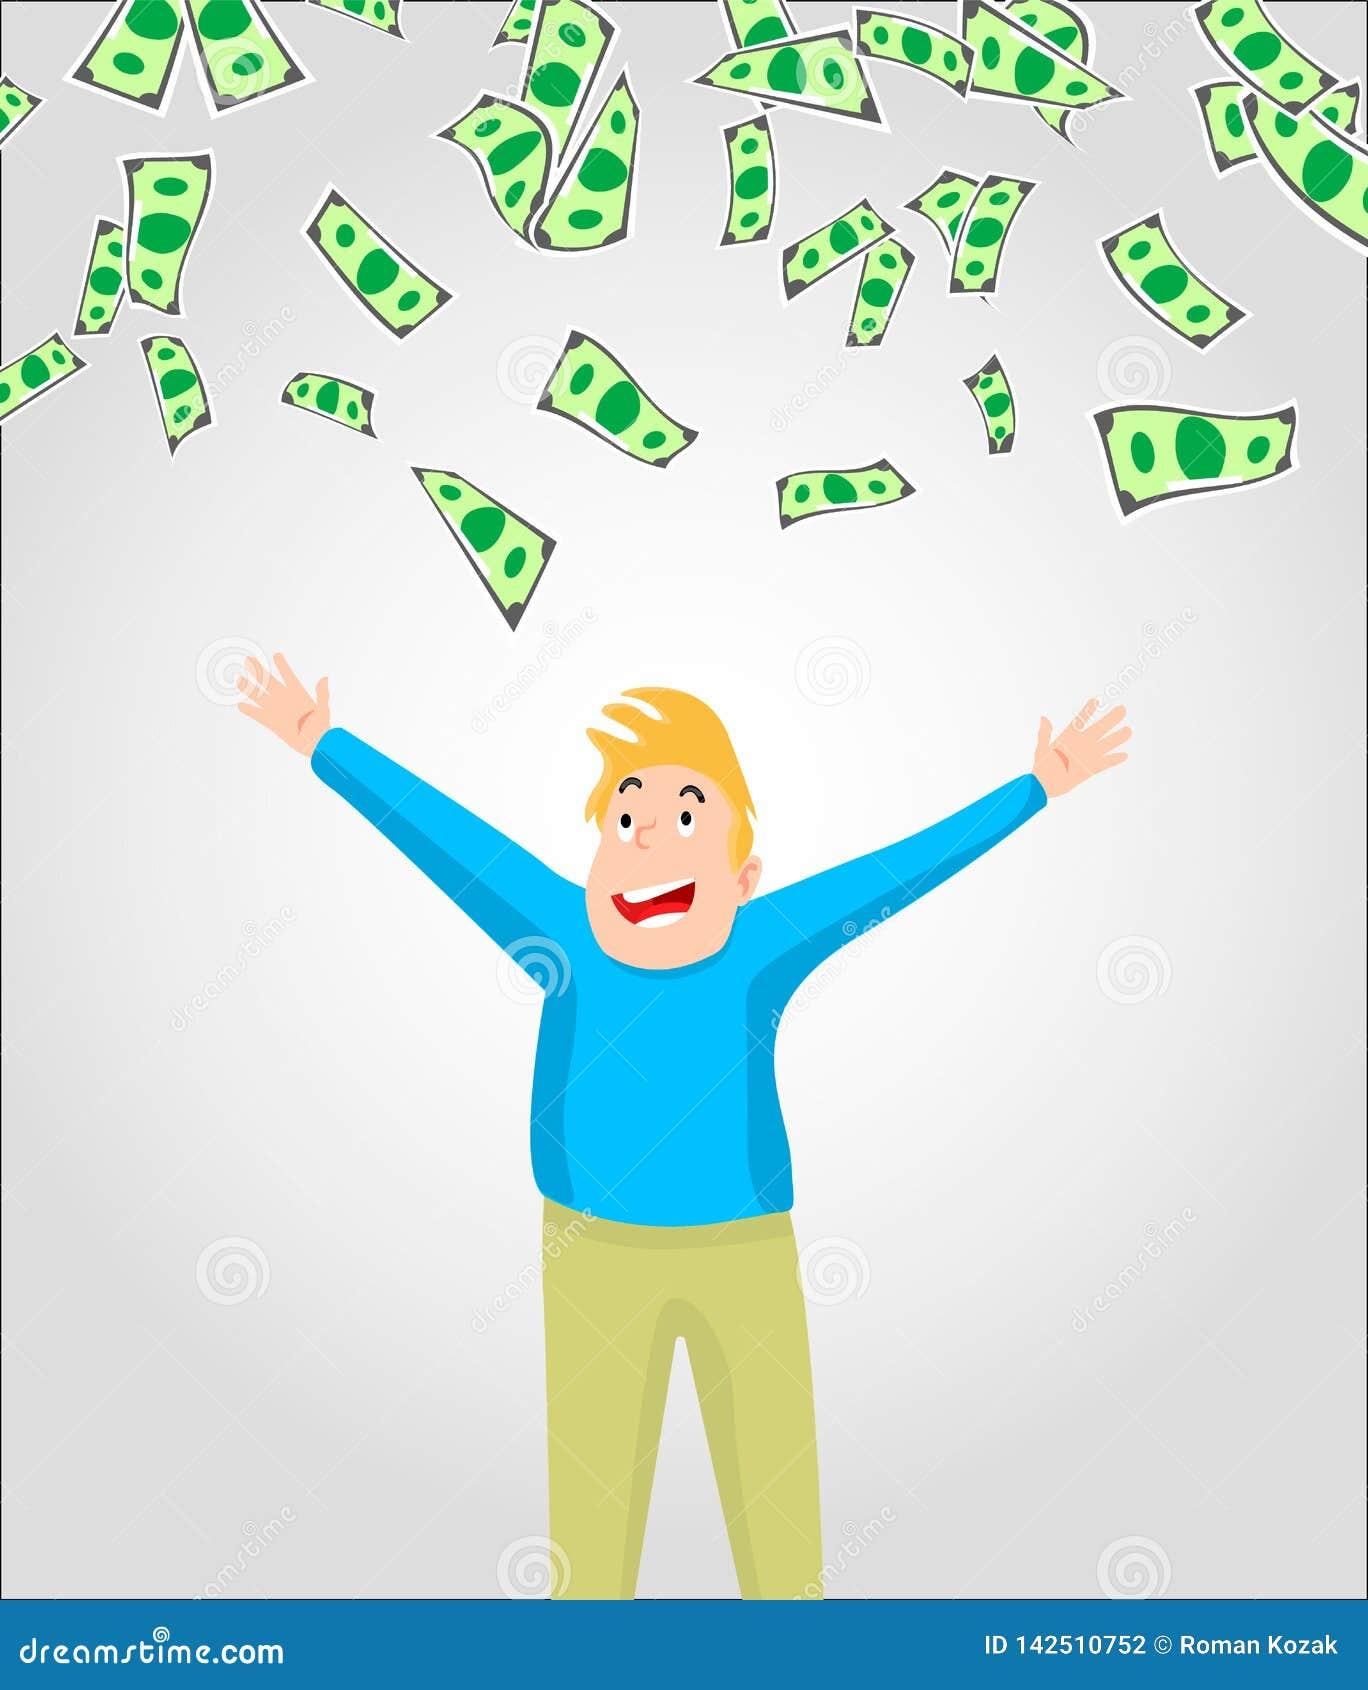 Cuentas del efectivo/del dinero/de moneda que caen alrededor de hombre joven